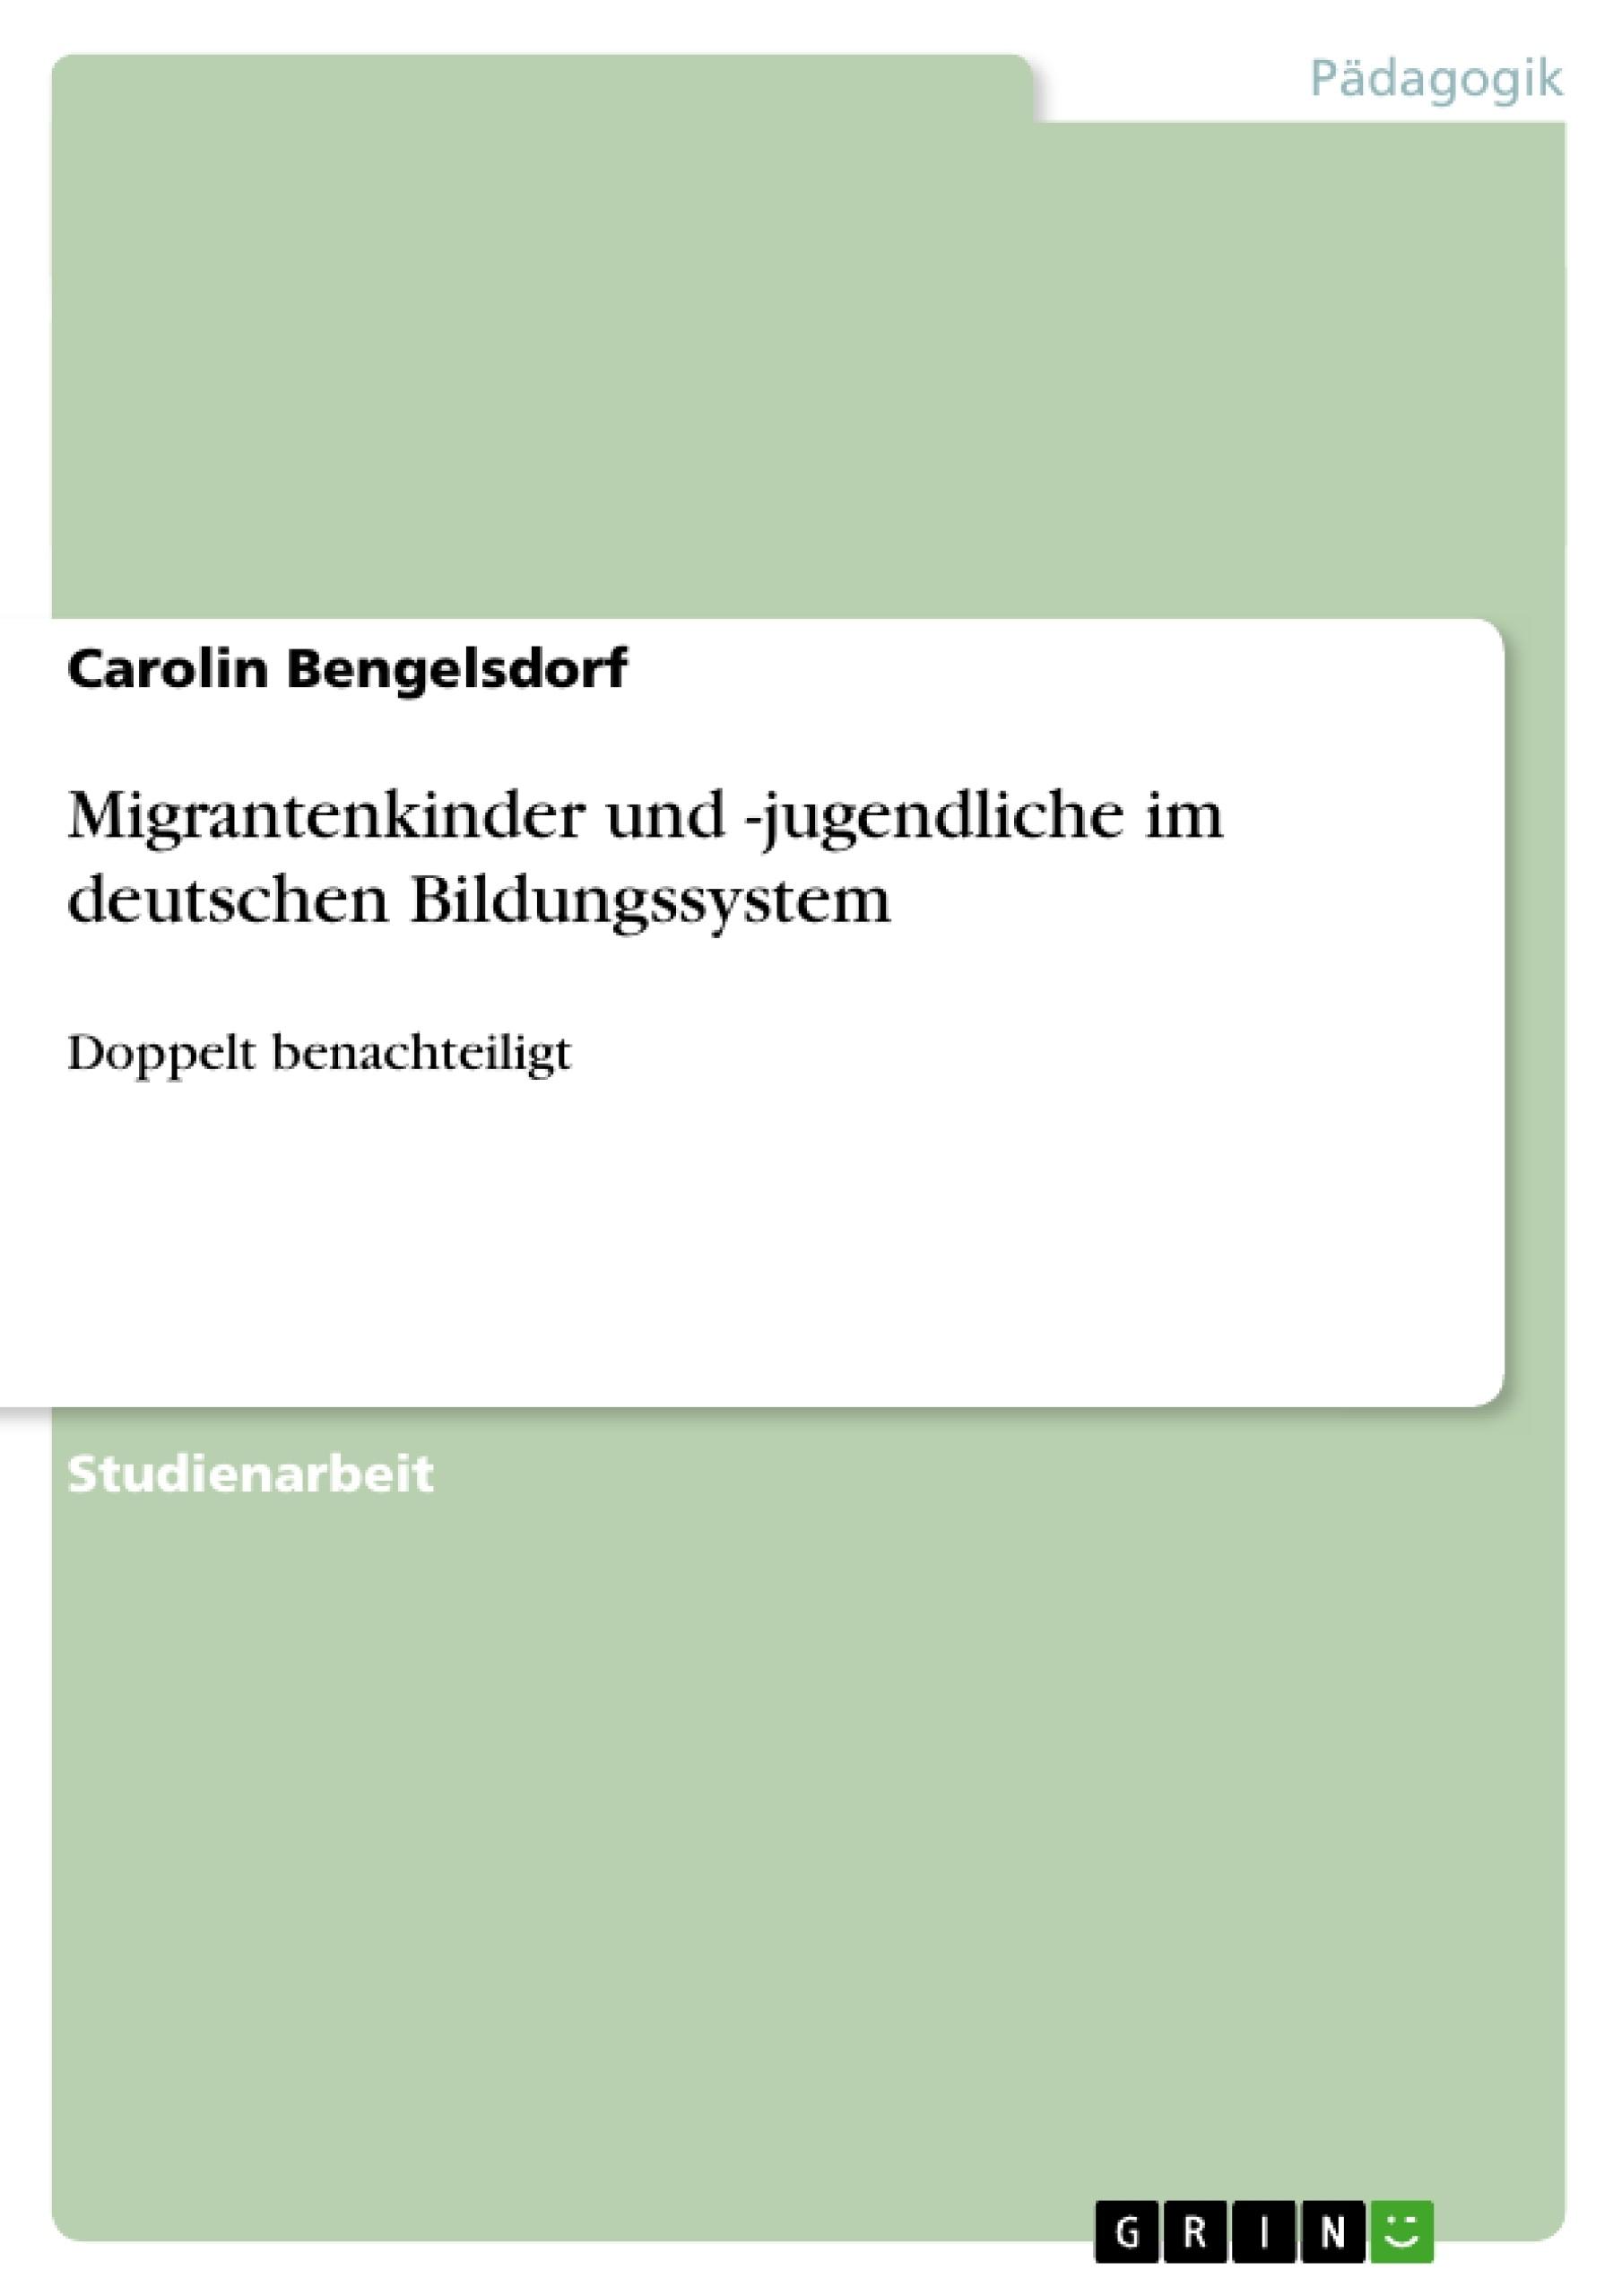 Titel: Migrantenkinder und -jugendliche im deutschen Bildungssystem